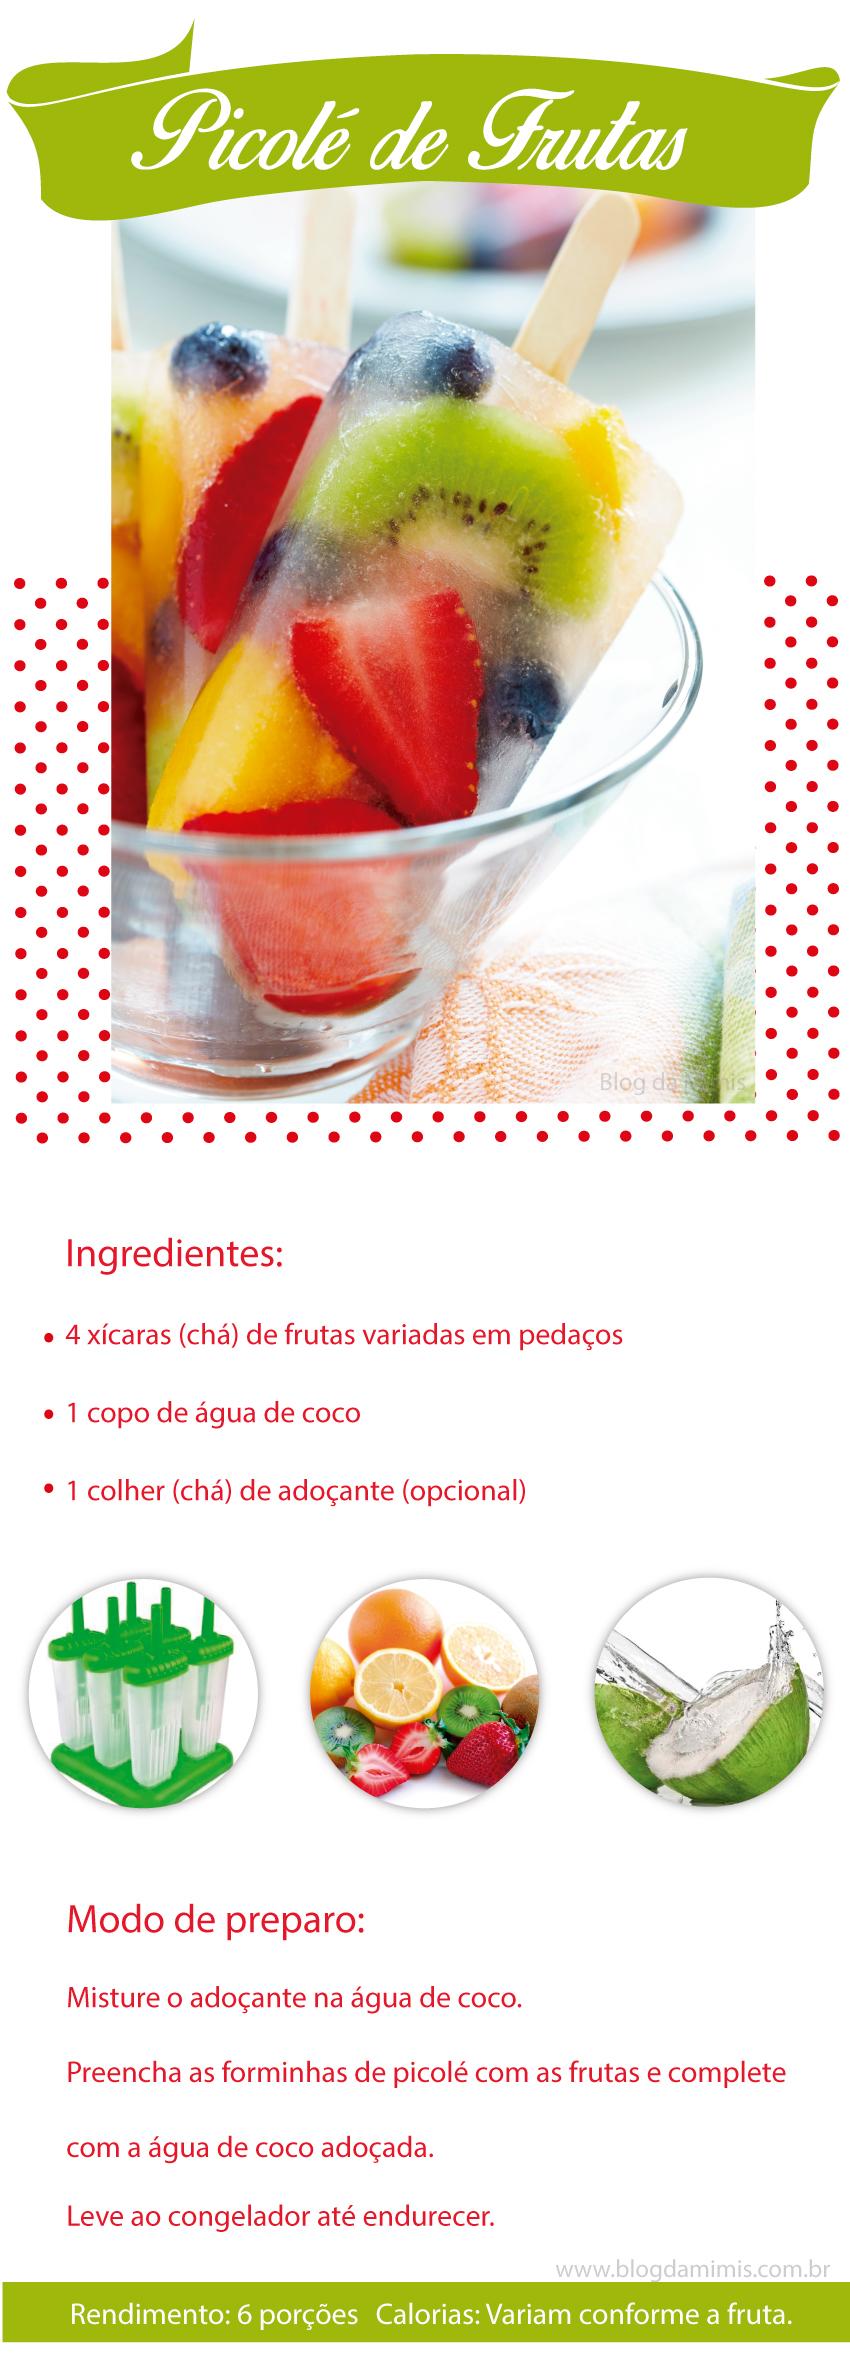 picoledefrutas-blog-da-mimis-michelle-franzoni